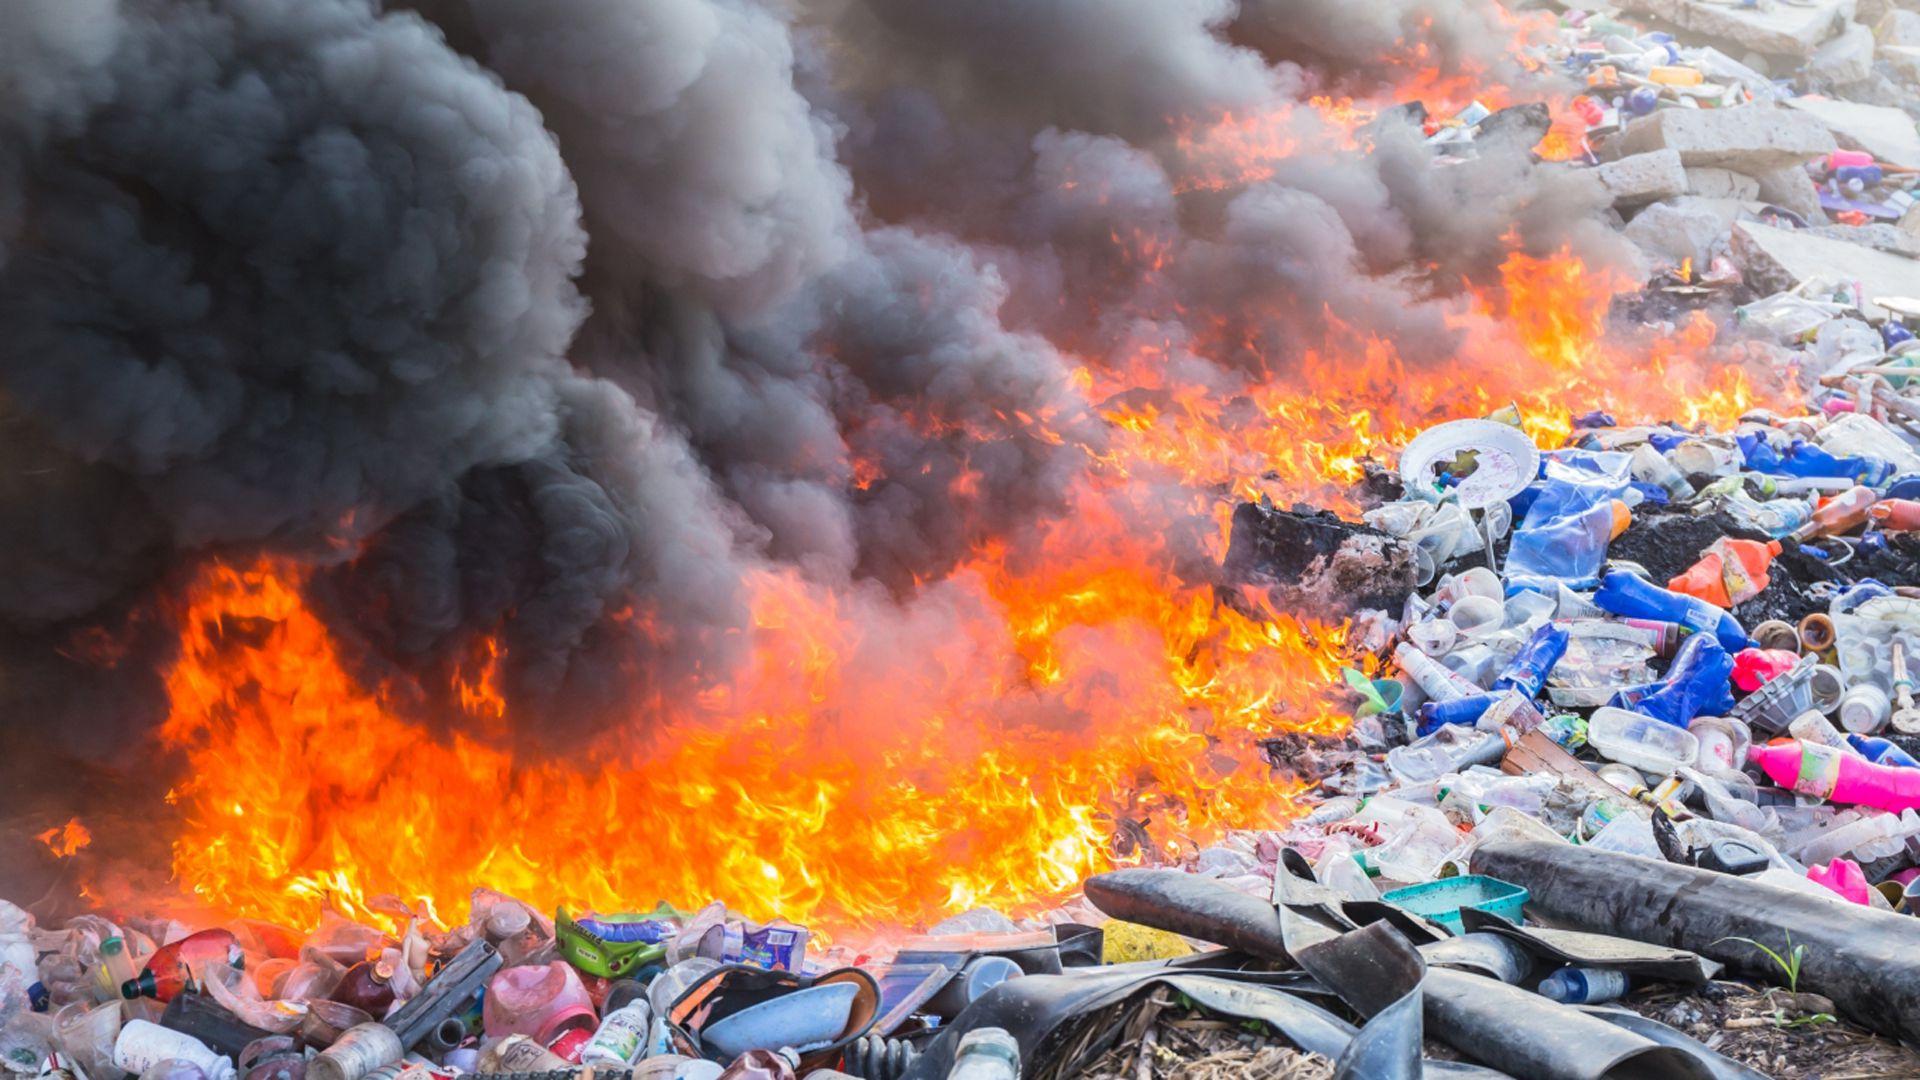 La quema de plásticos supone un grave daño a la atmósfera (ONU)